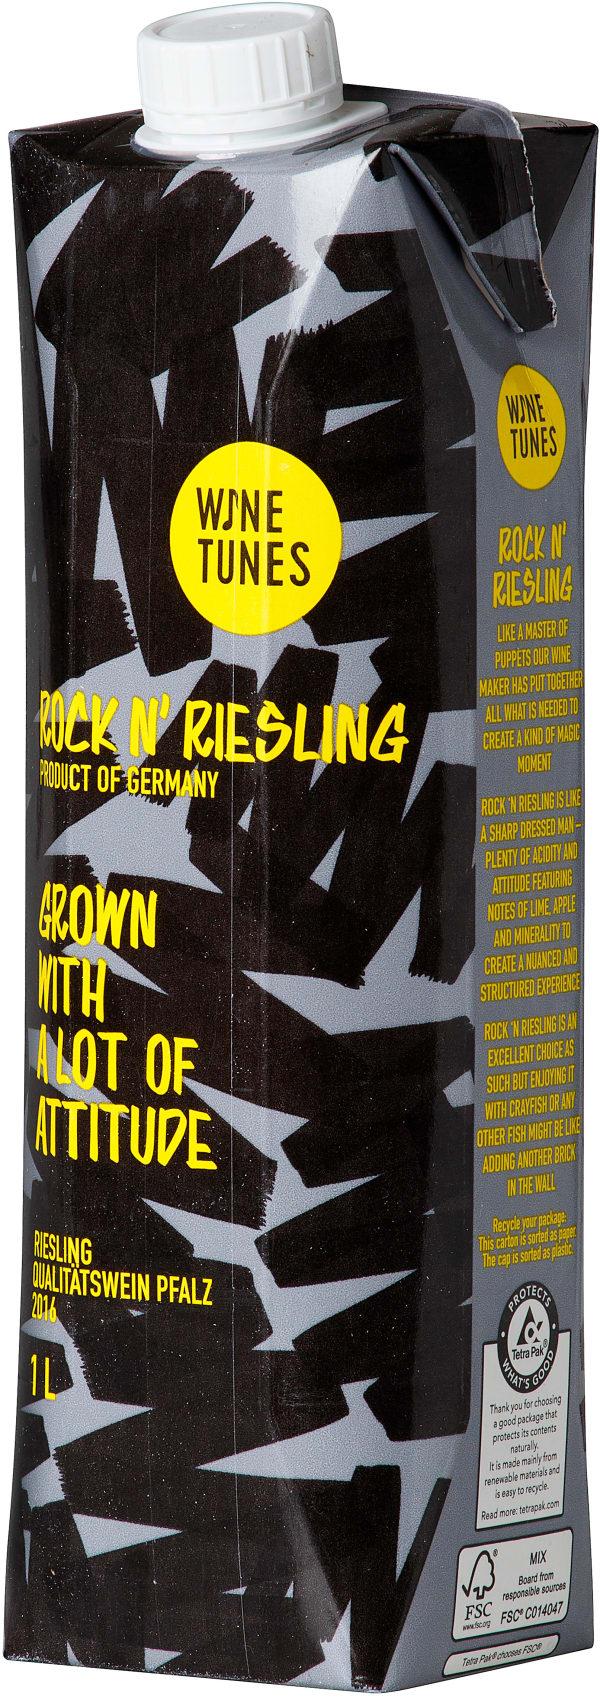 Wine Tunes Rock'n Riesling 2020 carton package